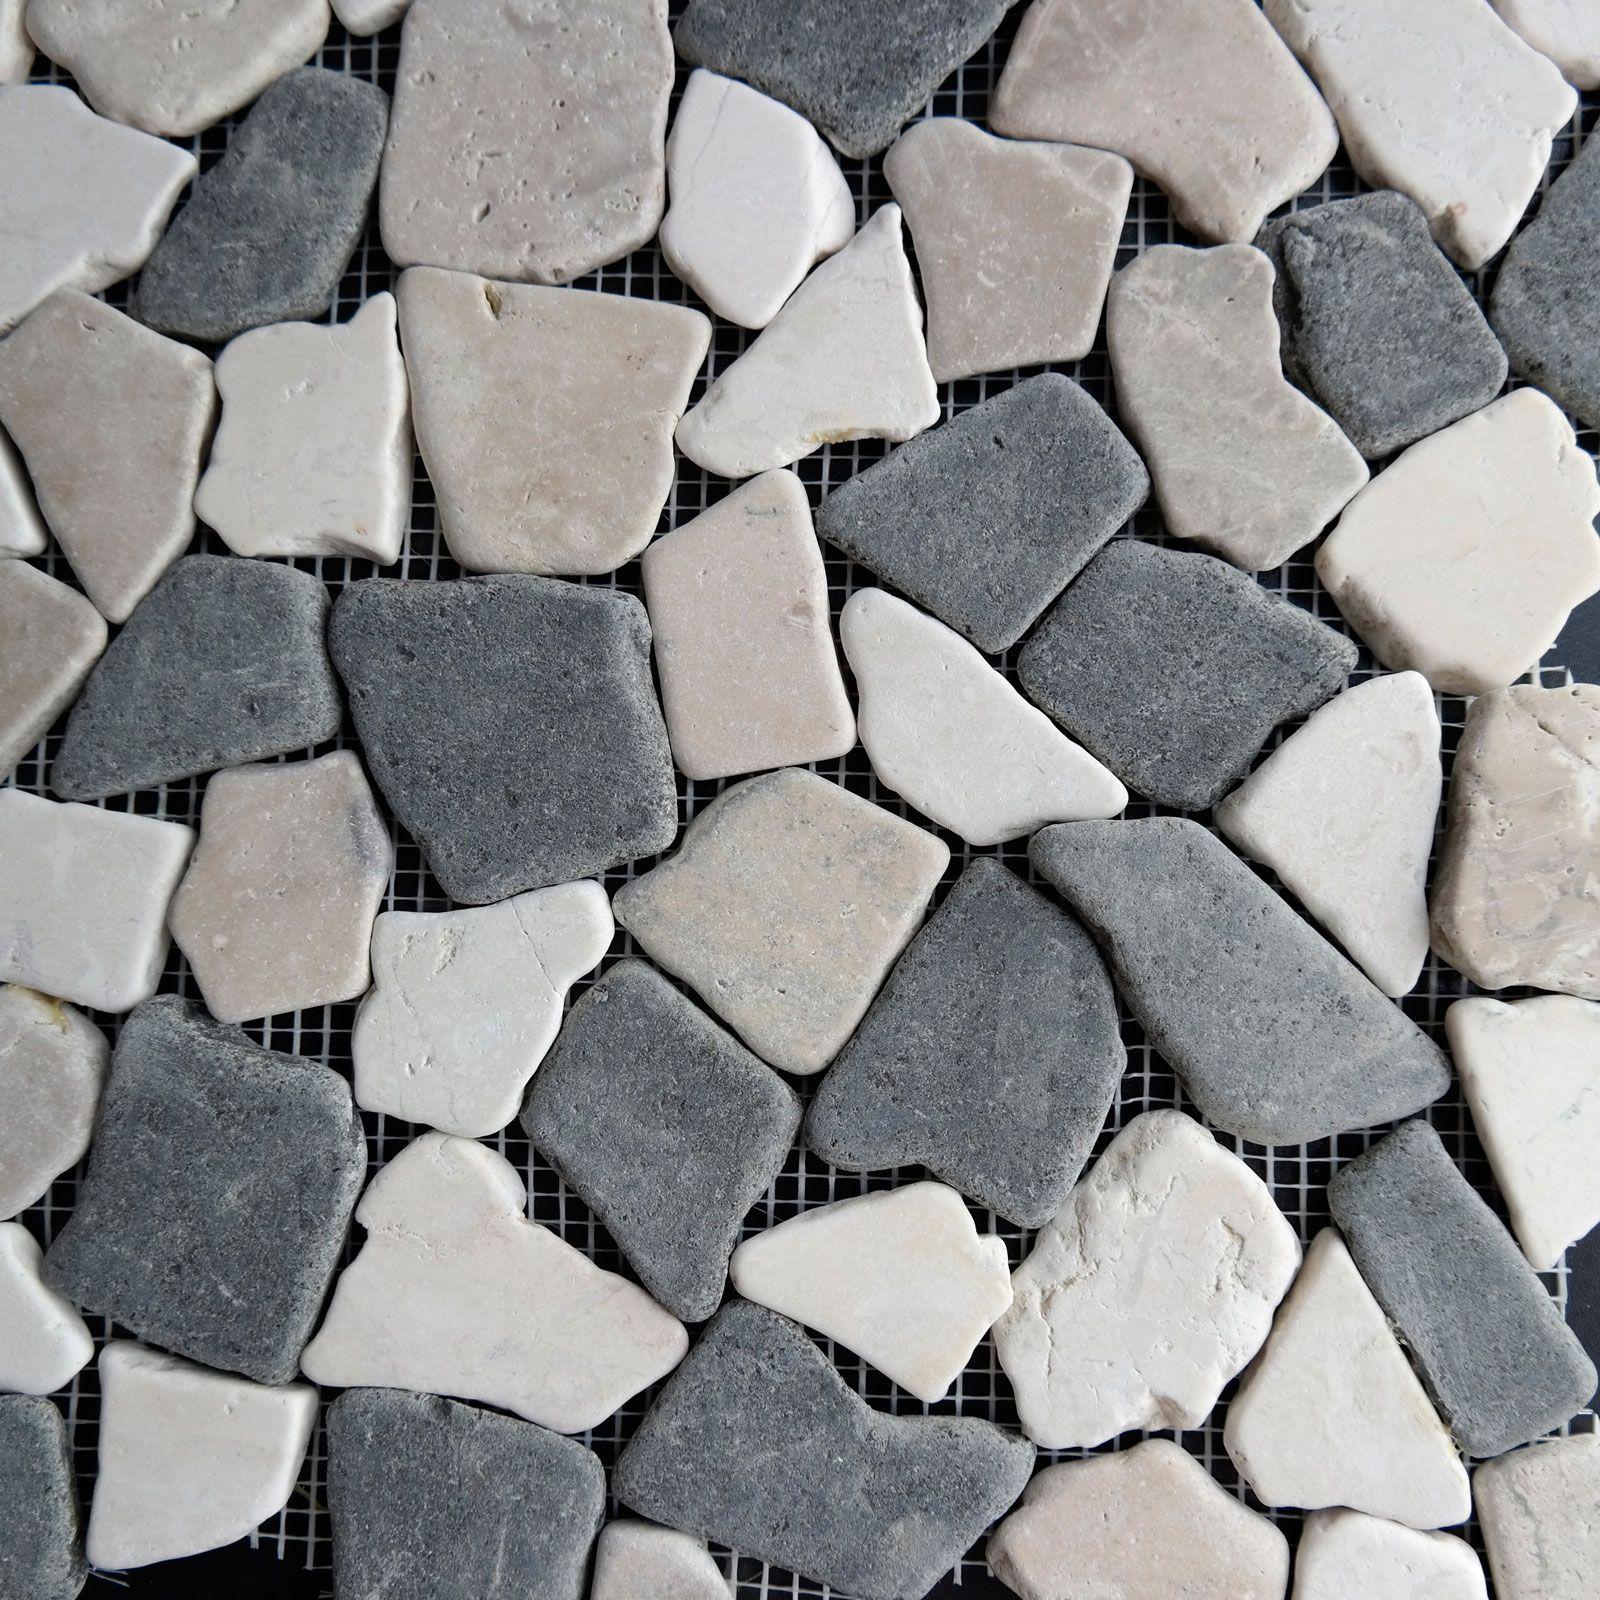 Beige Black Flat Stone Pebble Mosaic Tile Wall Floor Kitchen Bathroom Shower Fireplace Indoor Outdoor